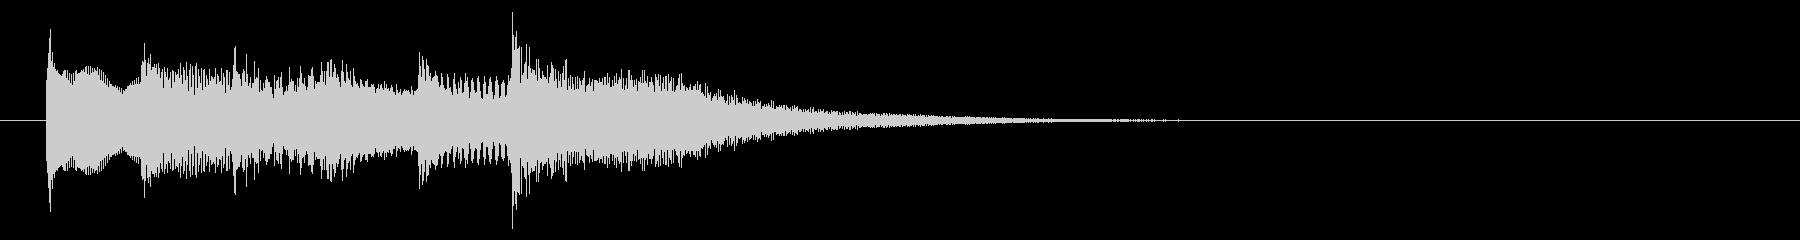 柔らかいオルガンのサウンドロゴの未再生の波形